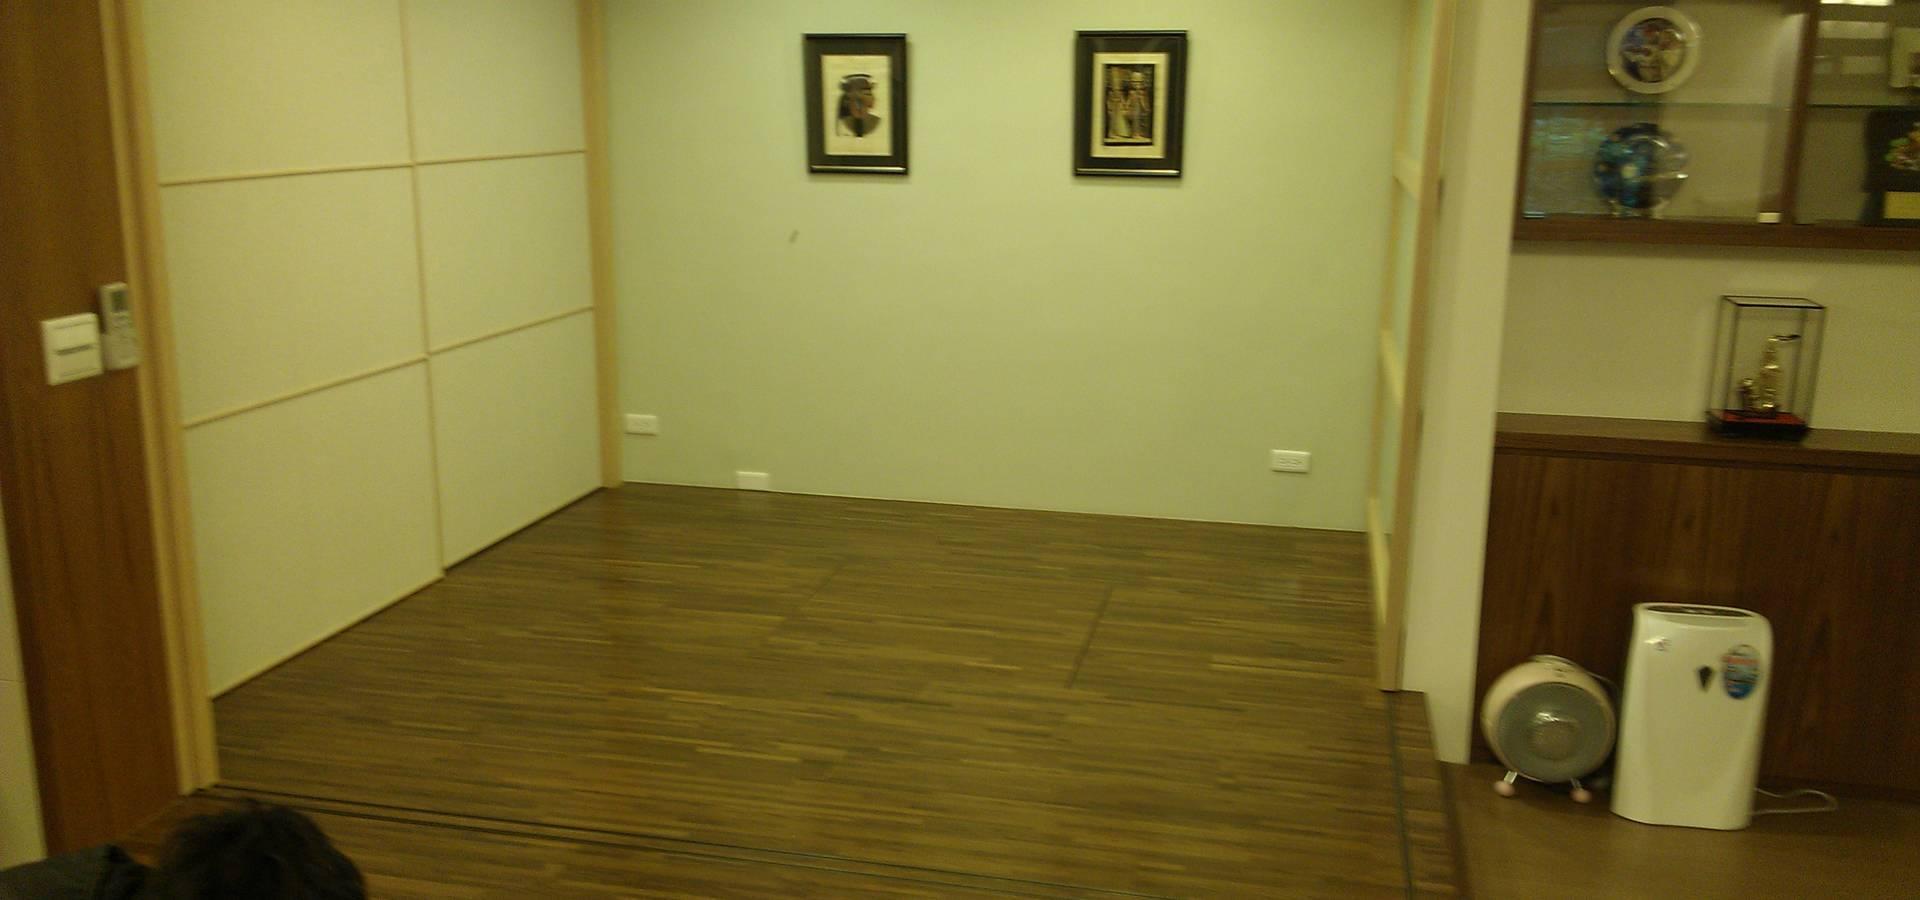 禾渥意匠室內裝修設計工程有限公司